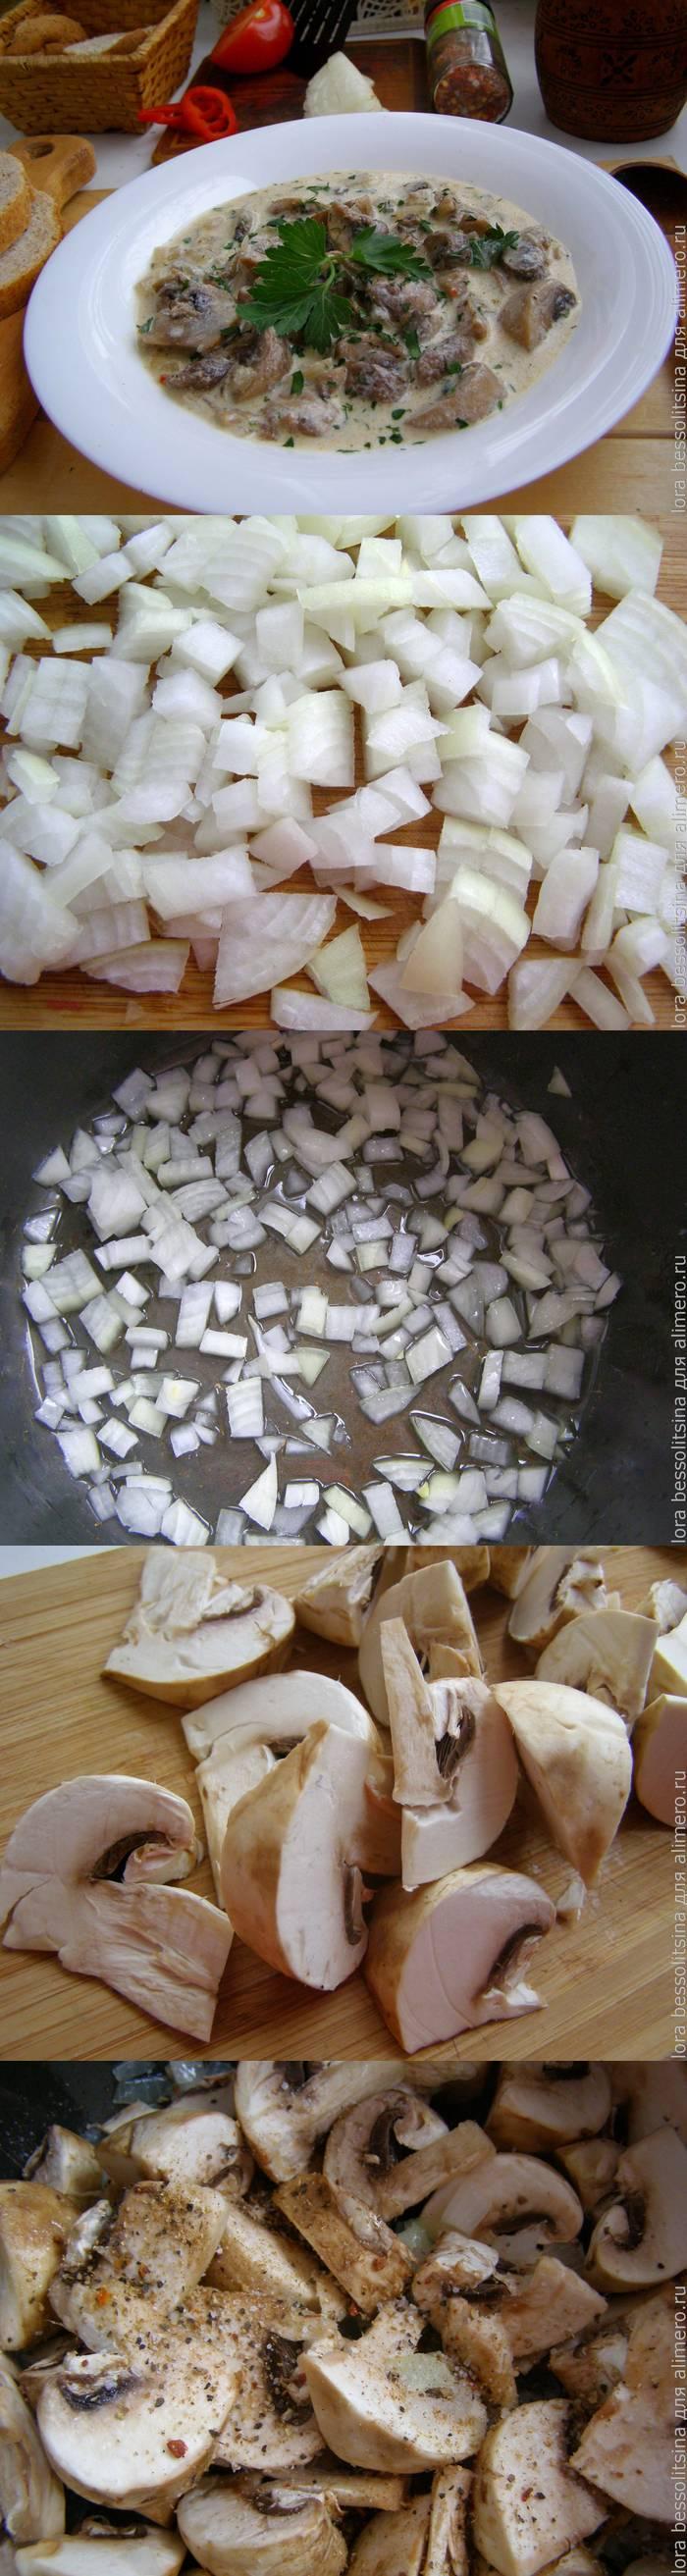 Ароматные грибы в мультиварке